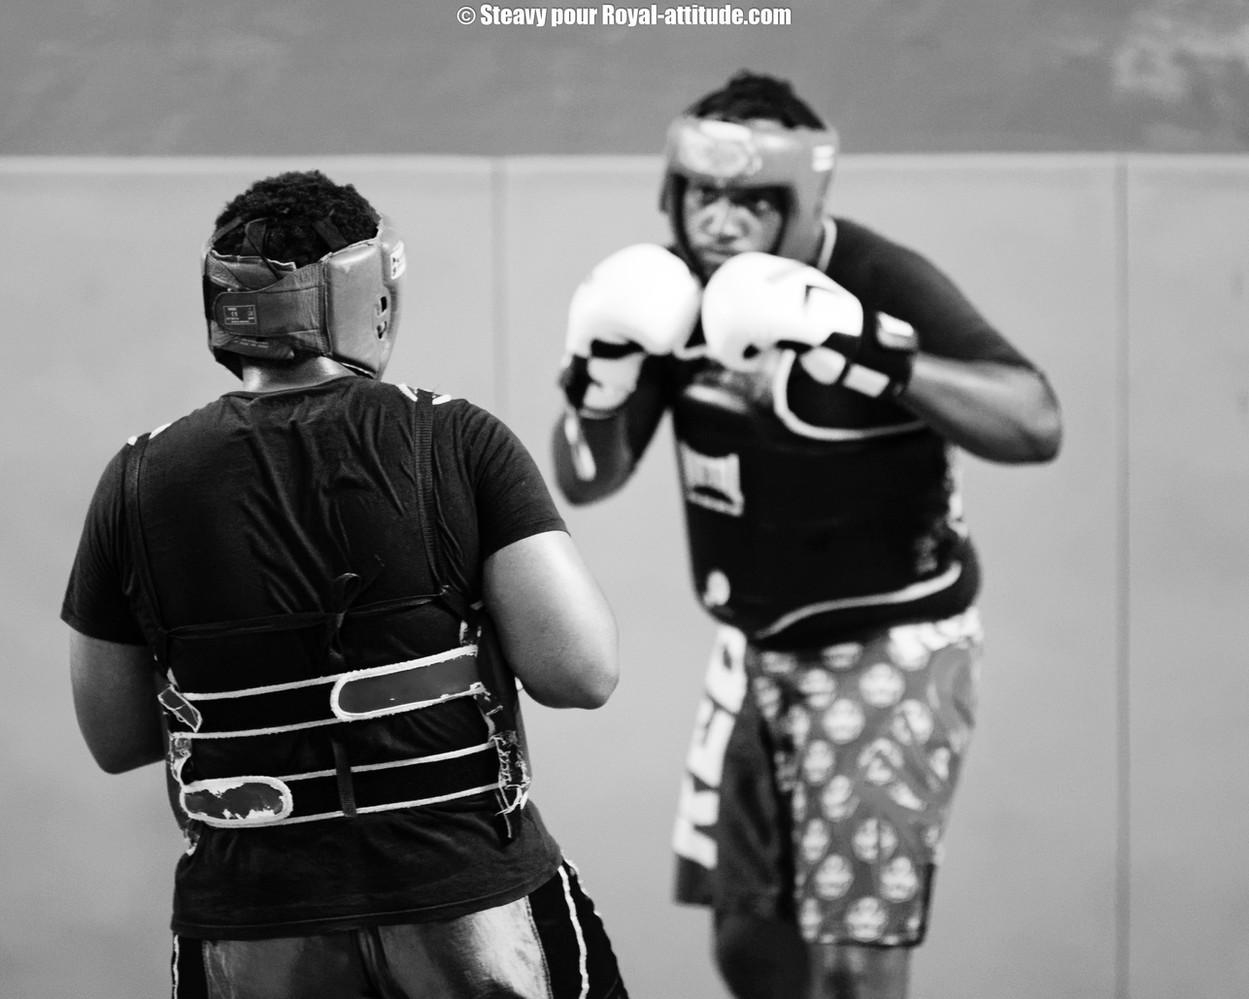 Tournoi boxe2018-18.JPG